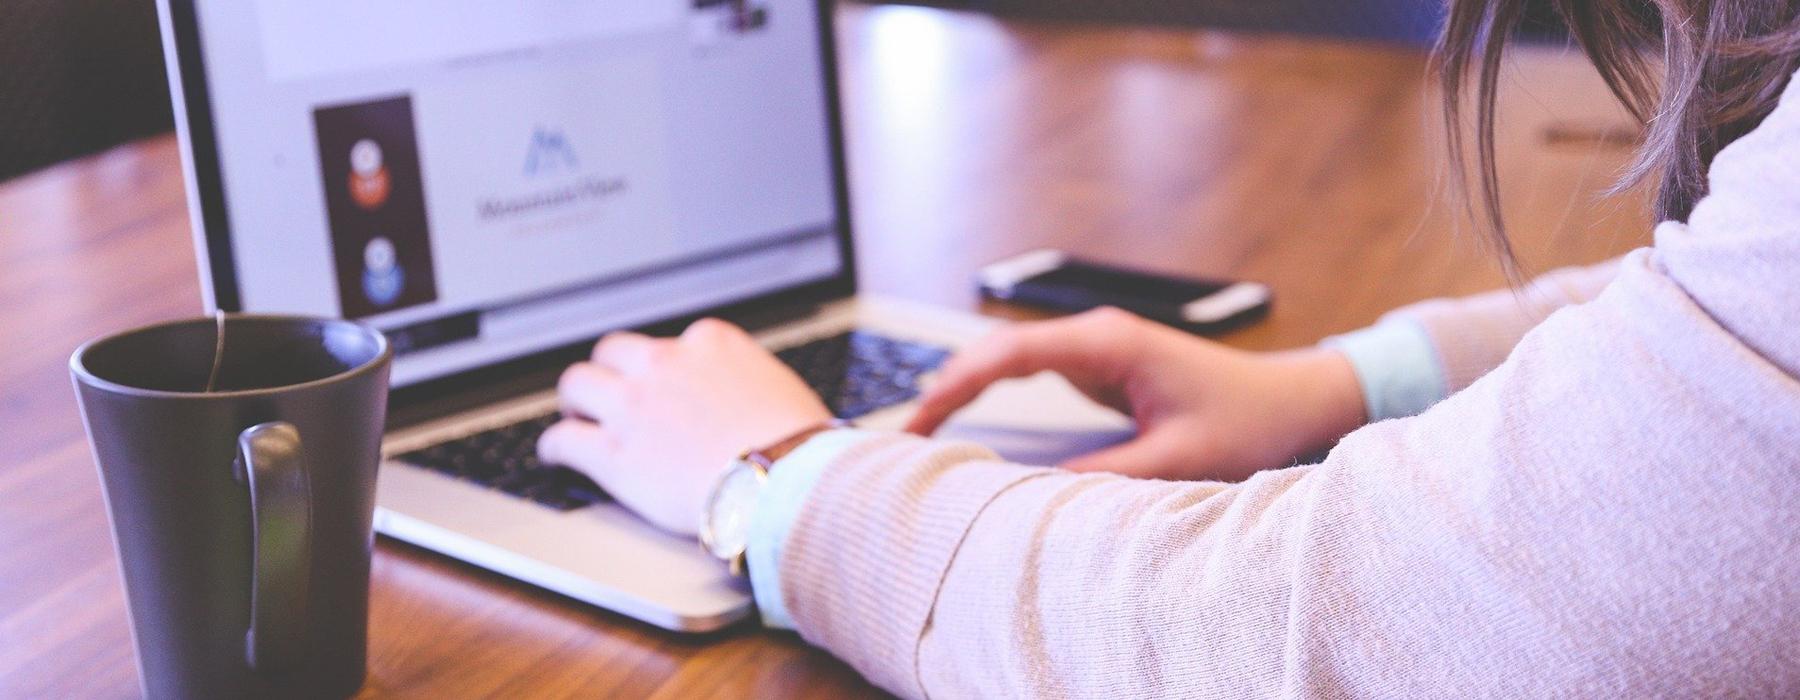 Дигитален маркетинг за стартиращ бизнес - най-важното, което трябва да знаем